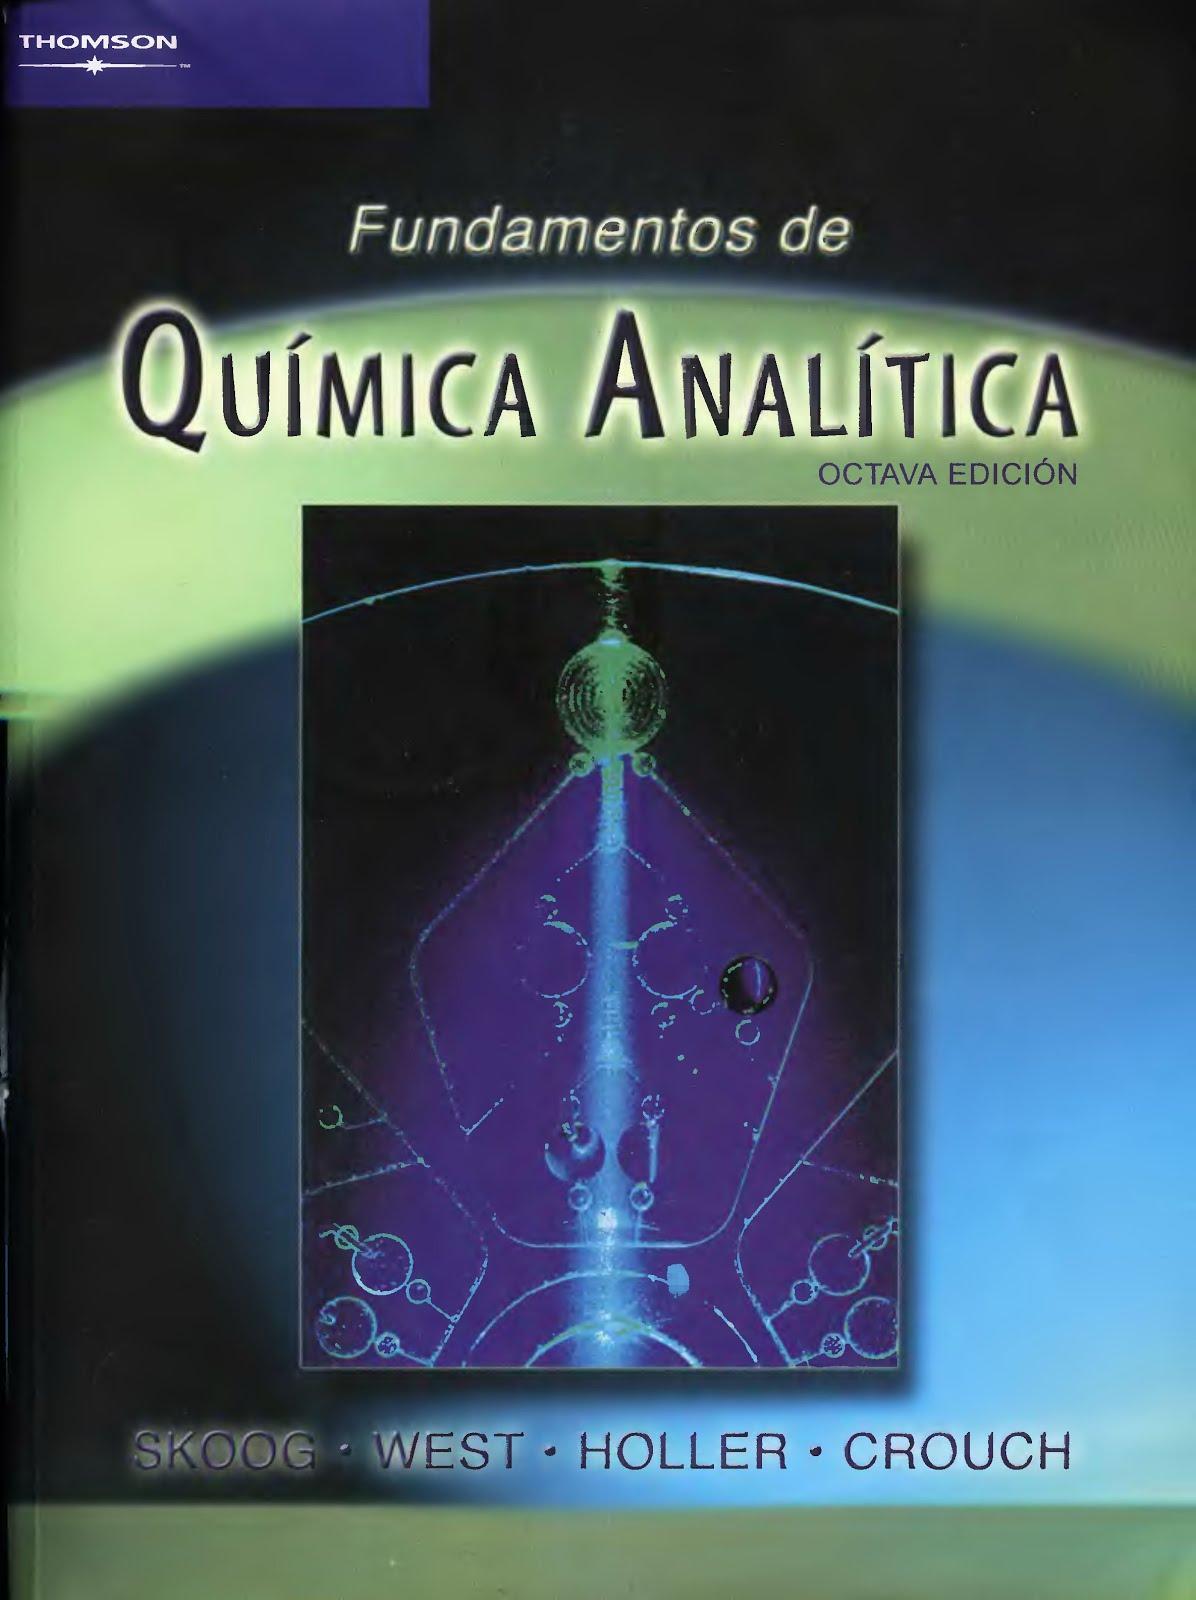 DESCARGAR LIBRO FUNDAMENTOS QUIMICA ANALITICA SKOOG PDF  @tataya.com.mx